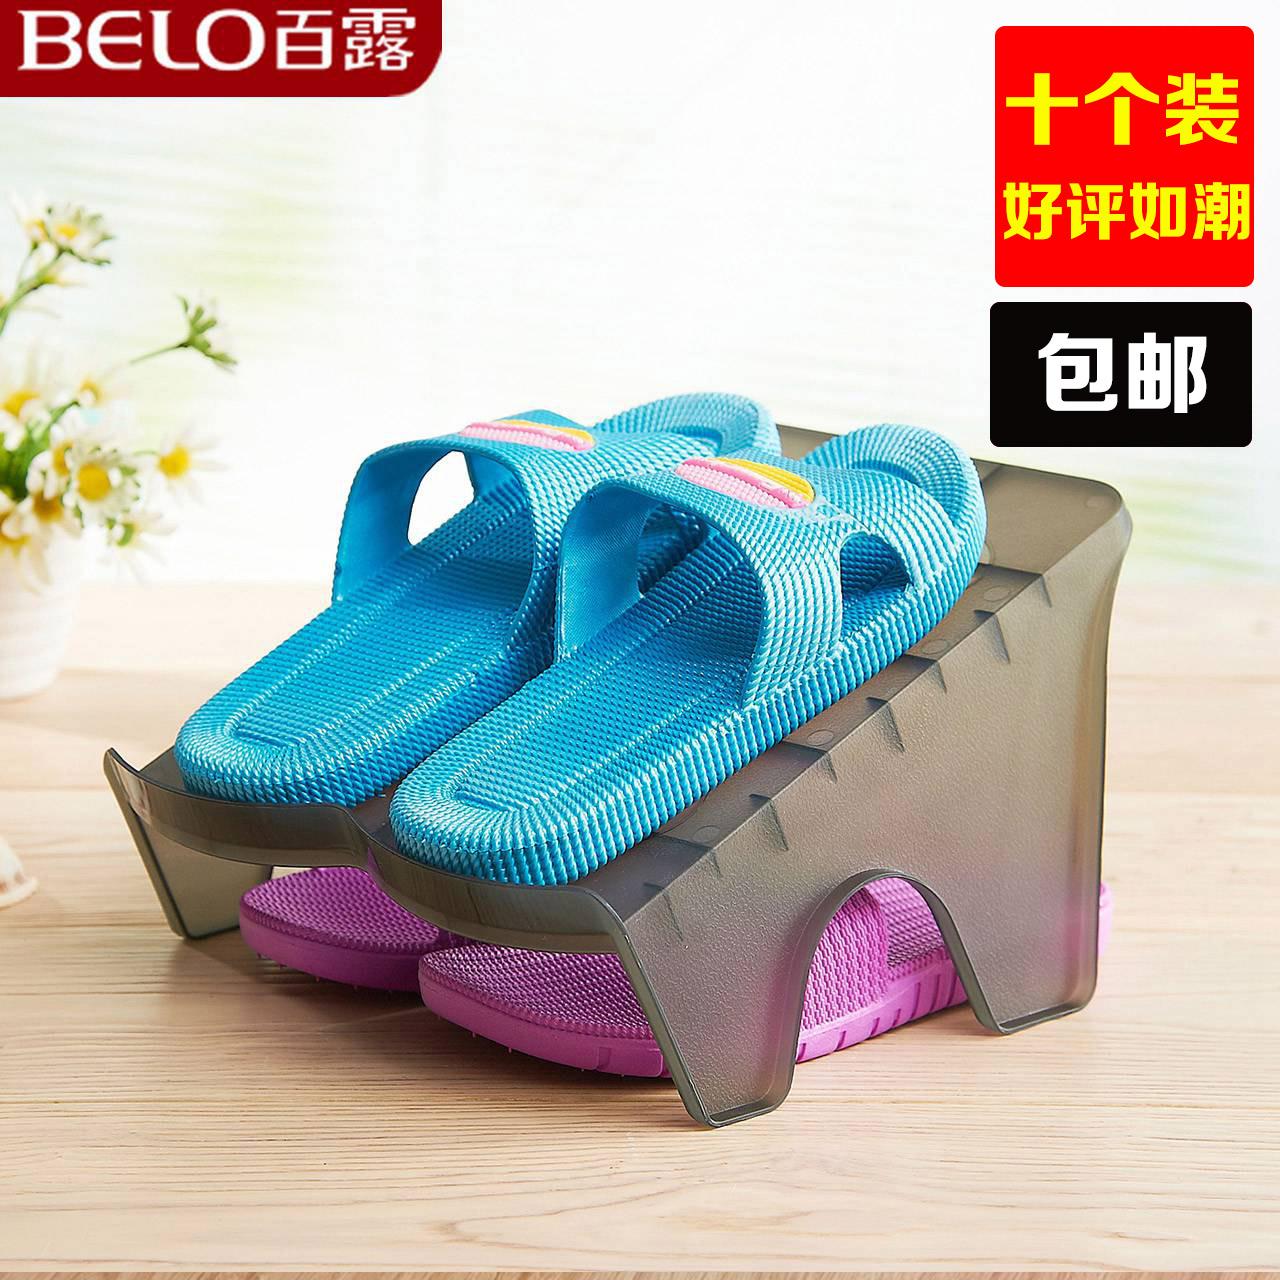 百露十个装日韩上下双层鞋架BL2947